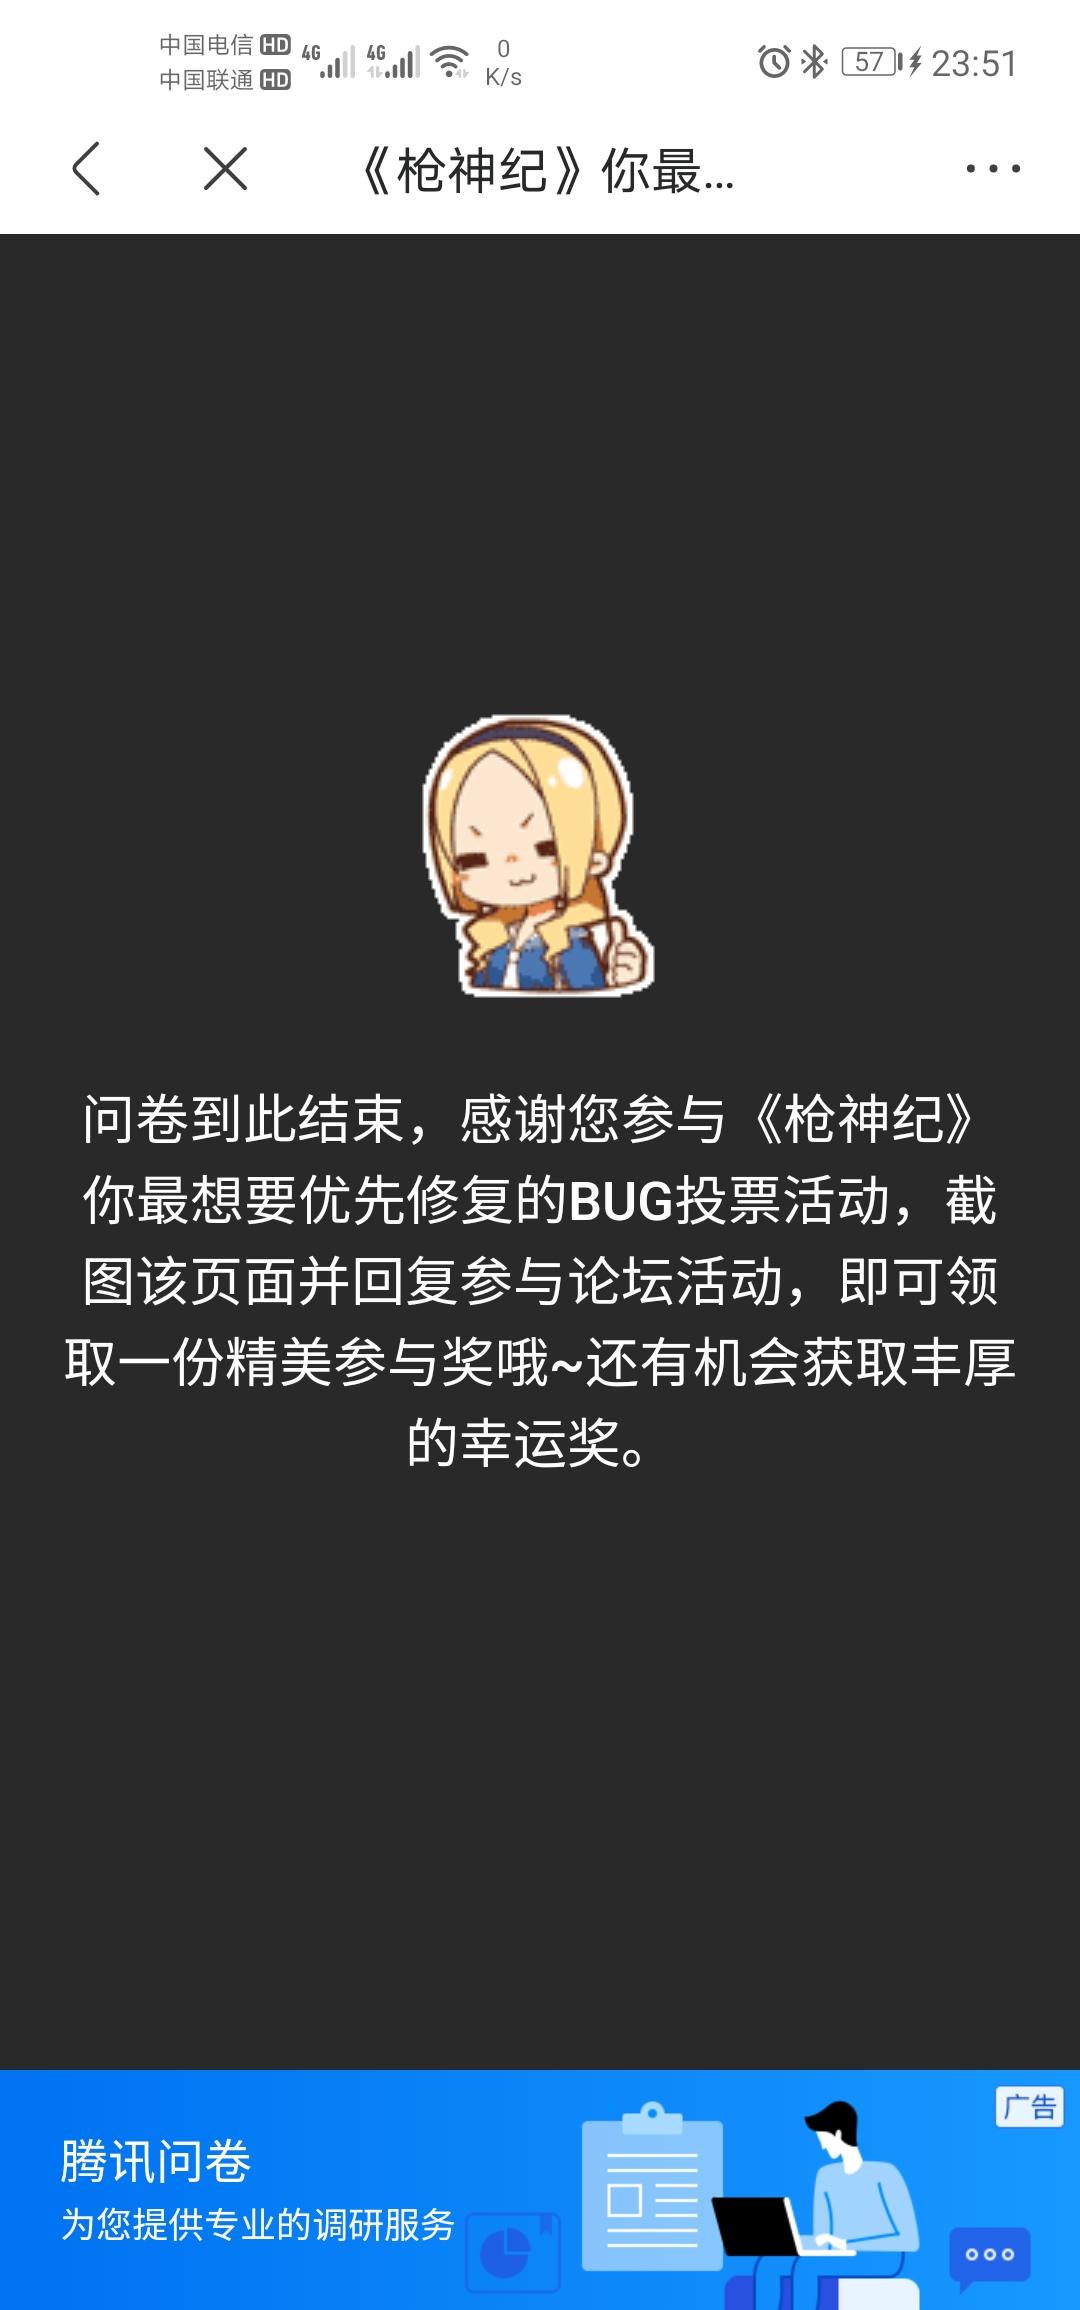 Screenshot_20200309_235141_com.baidu.tieba.jpg